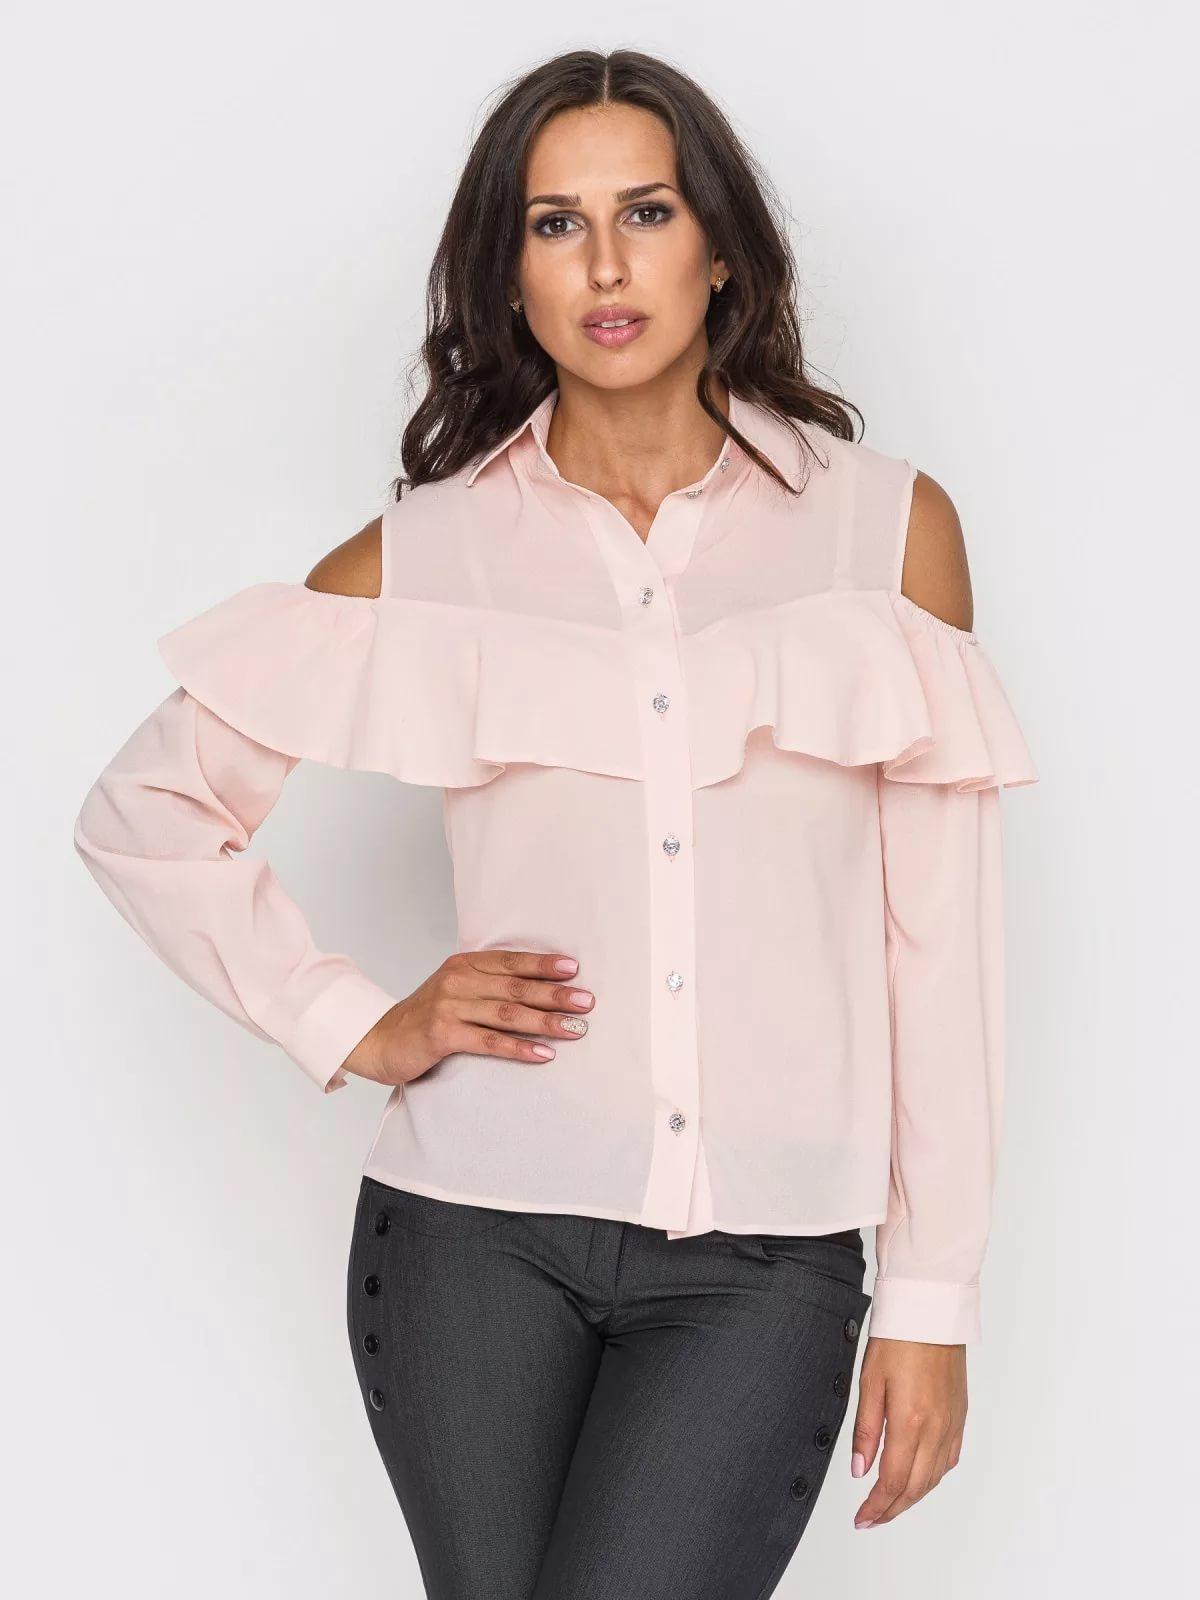 6416c990520 В копилку рукодельниц еще один мастер класс по пошиву блузки с воланом на  плечах.